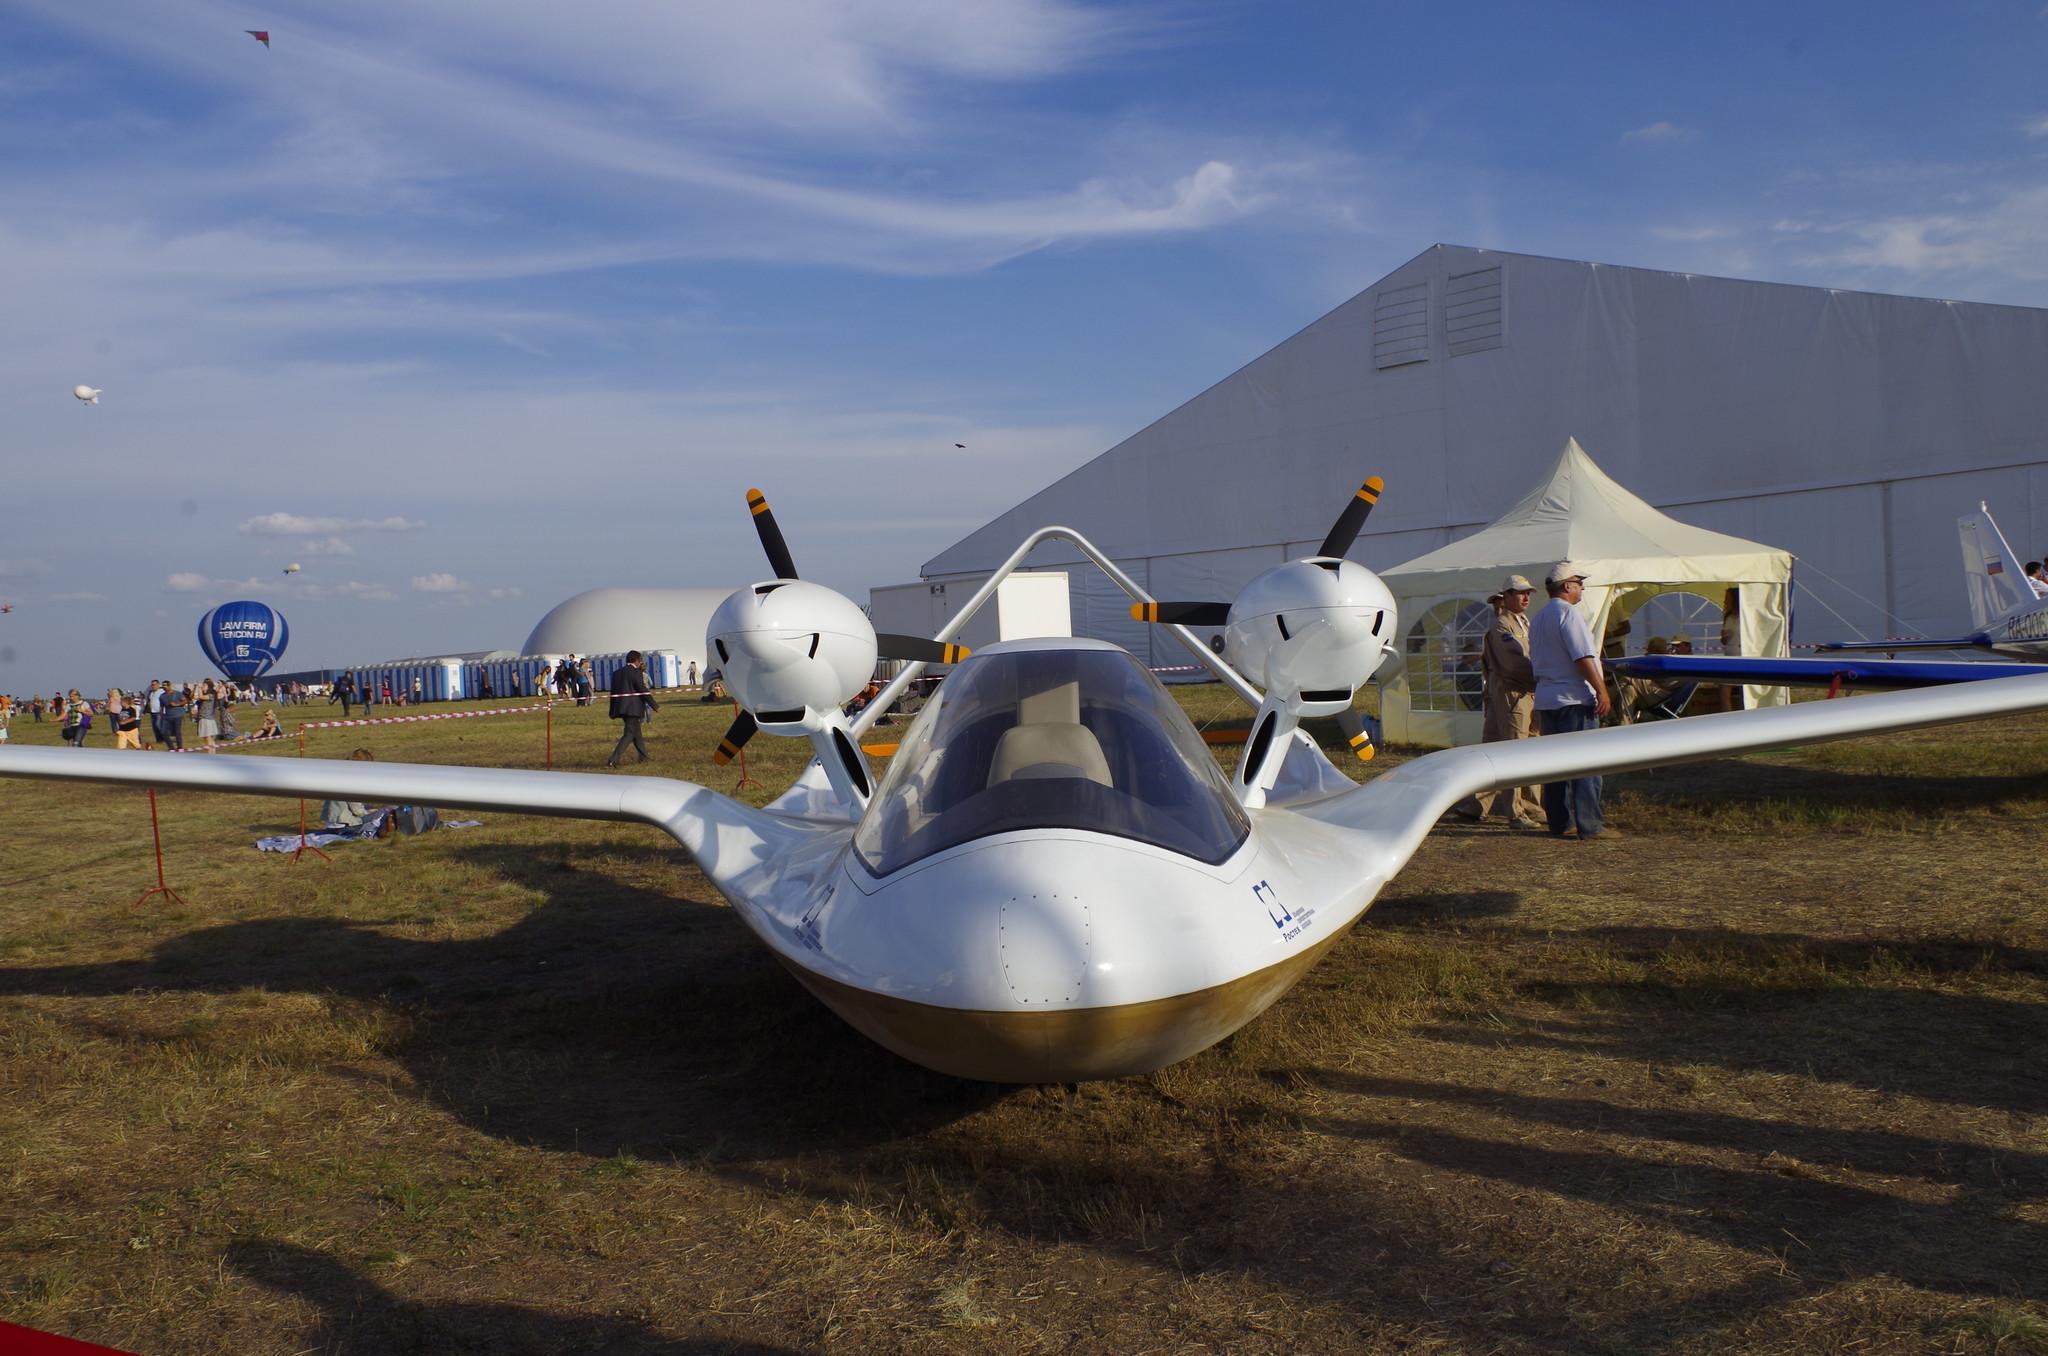 На МАКСе впервые показали новейший беспилотник-разведчик на воздушной подушке «Чирок»